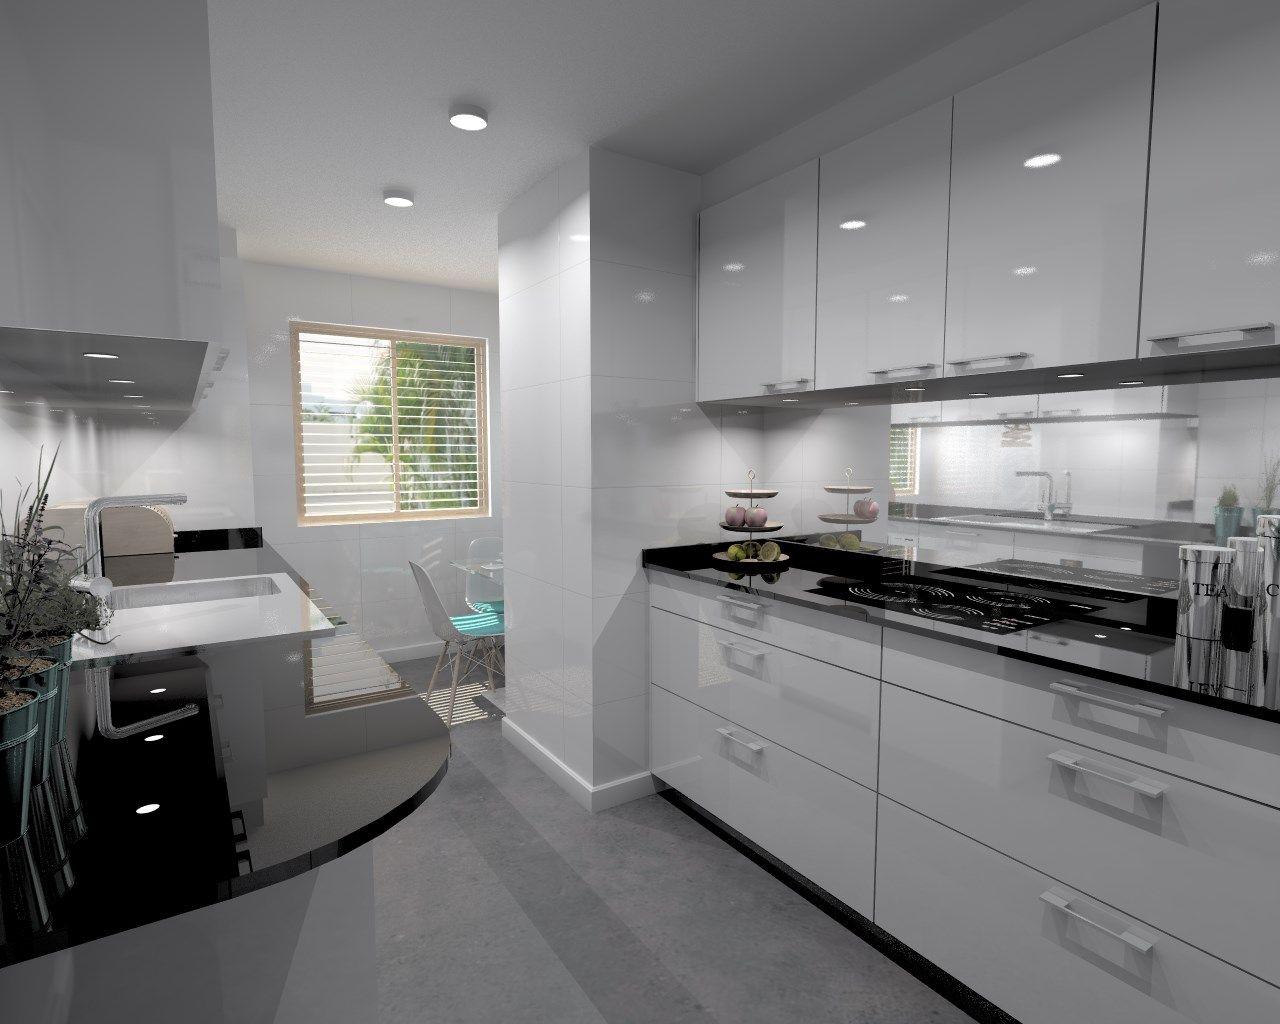 Cocina santos modelo plano laminado blanco brillo con for Encimera de cocina lacada en blanco negro